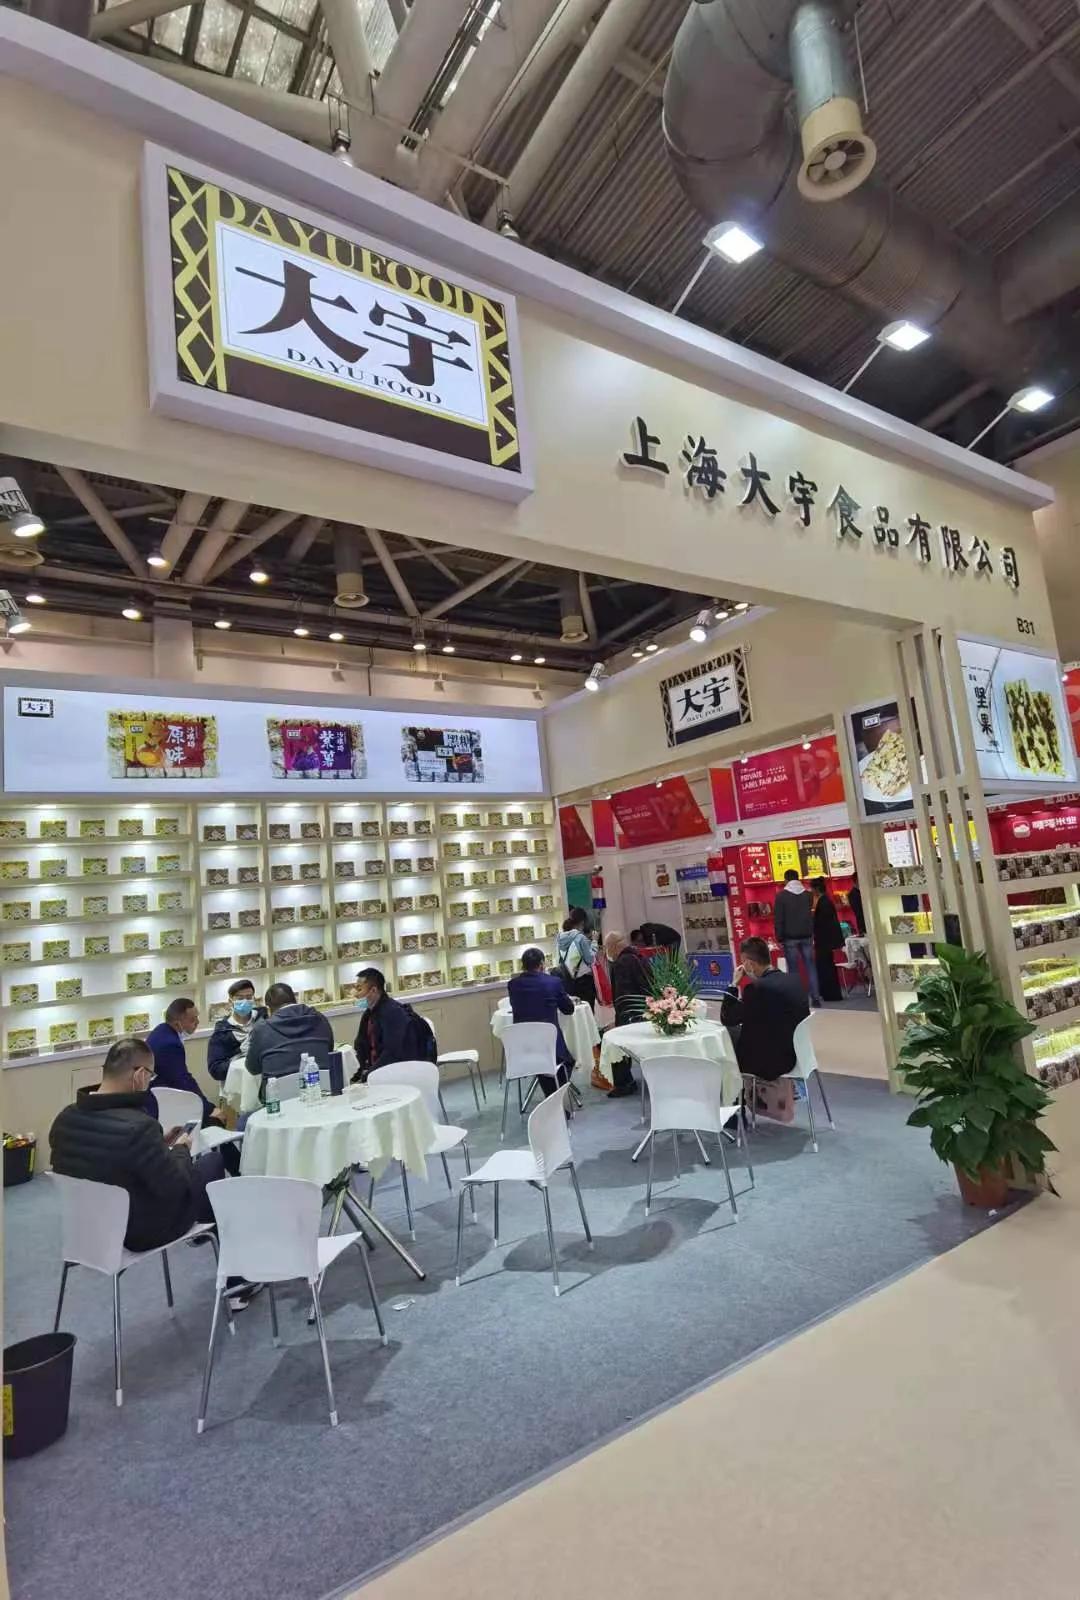 「投票」赛林、裕田、热烈、大宇等OEM厂家相聚自有品牌展